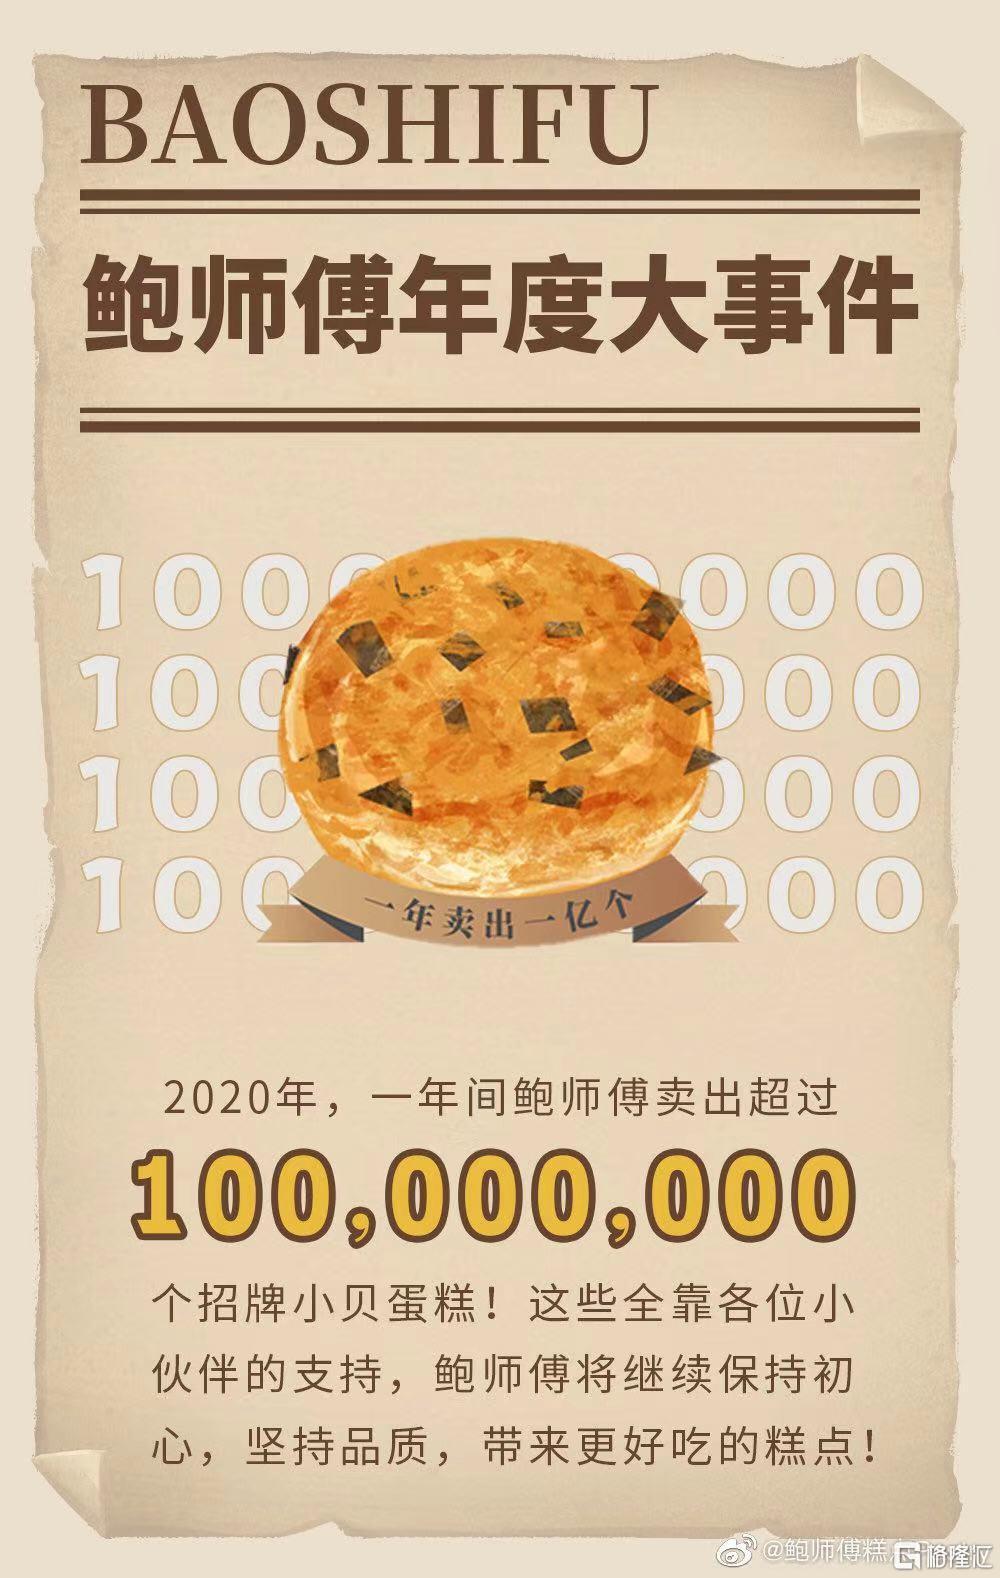 鲍师傅糕点加盟多少钱(开一个鲍师傅糕点店多少钱)